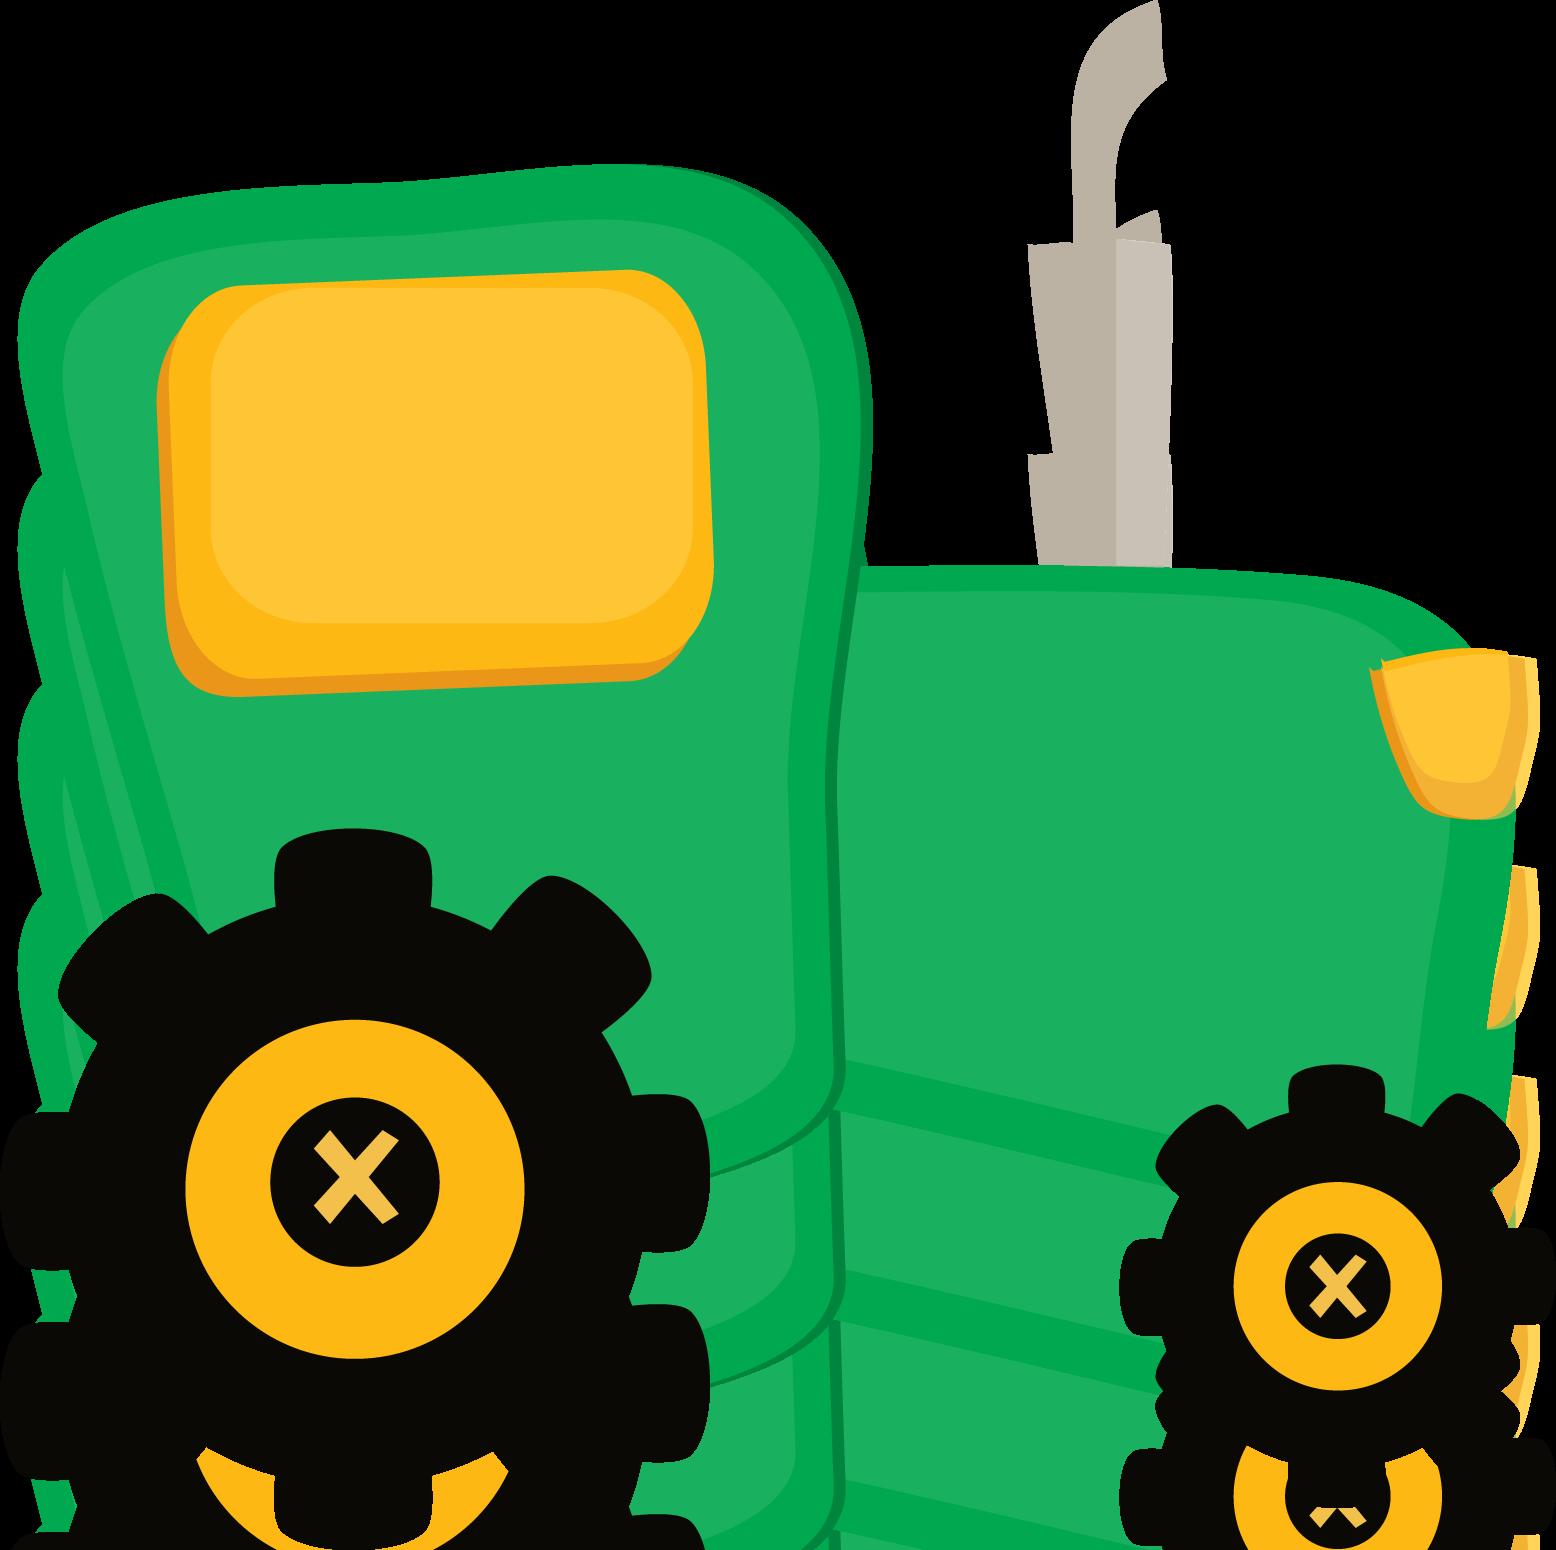 John deere tractor clip art.